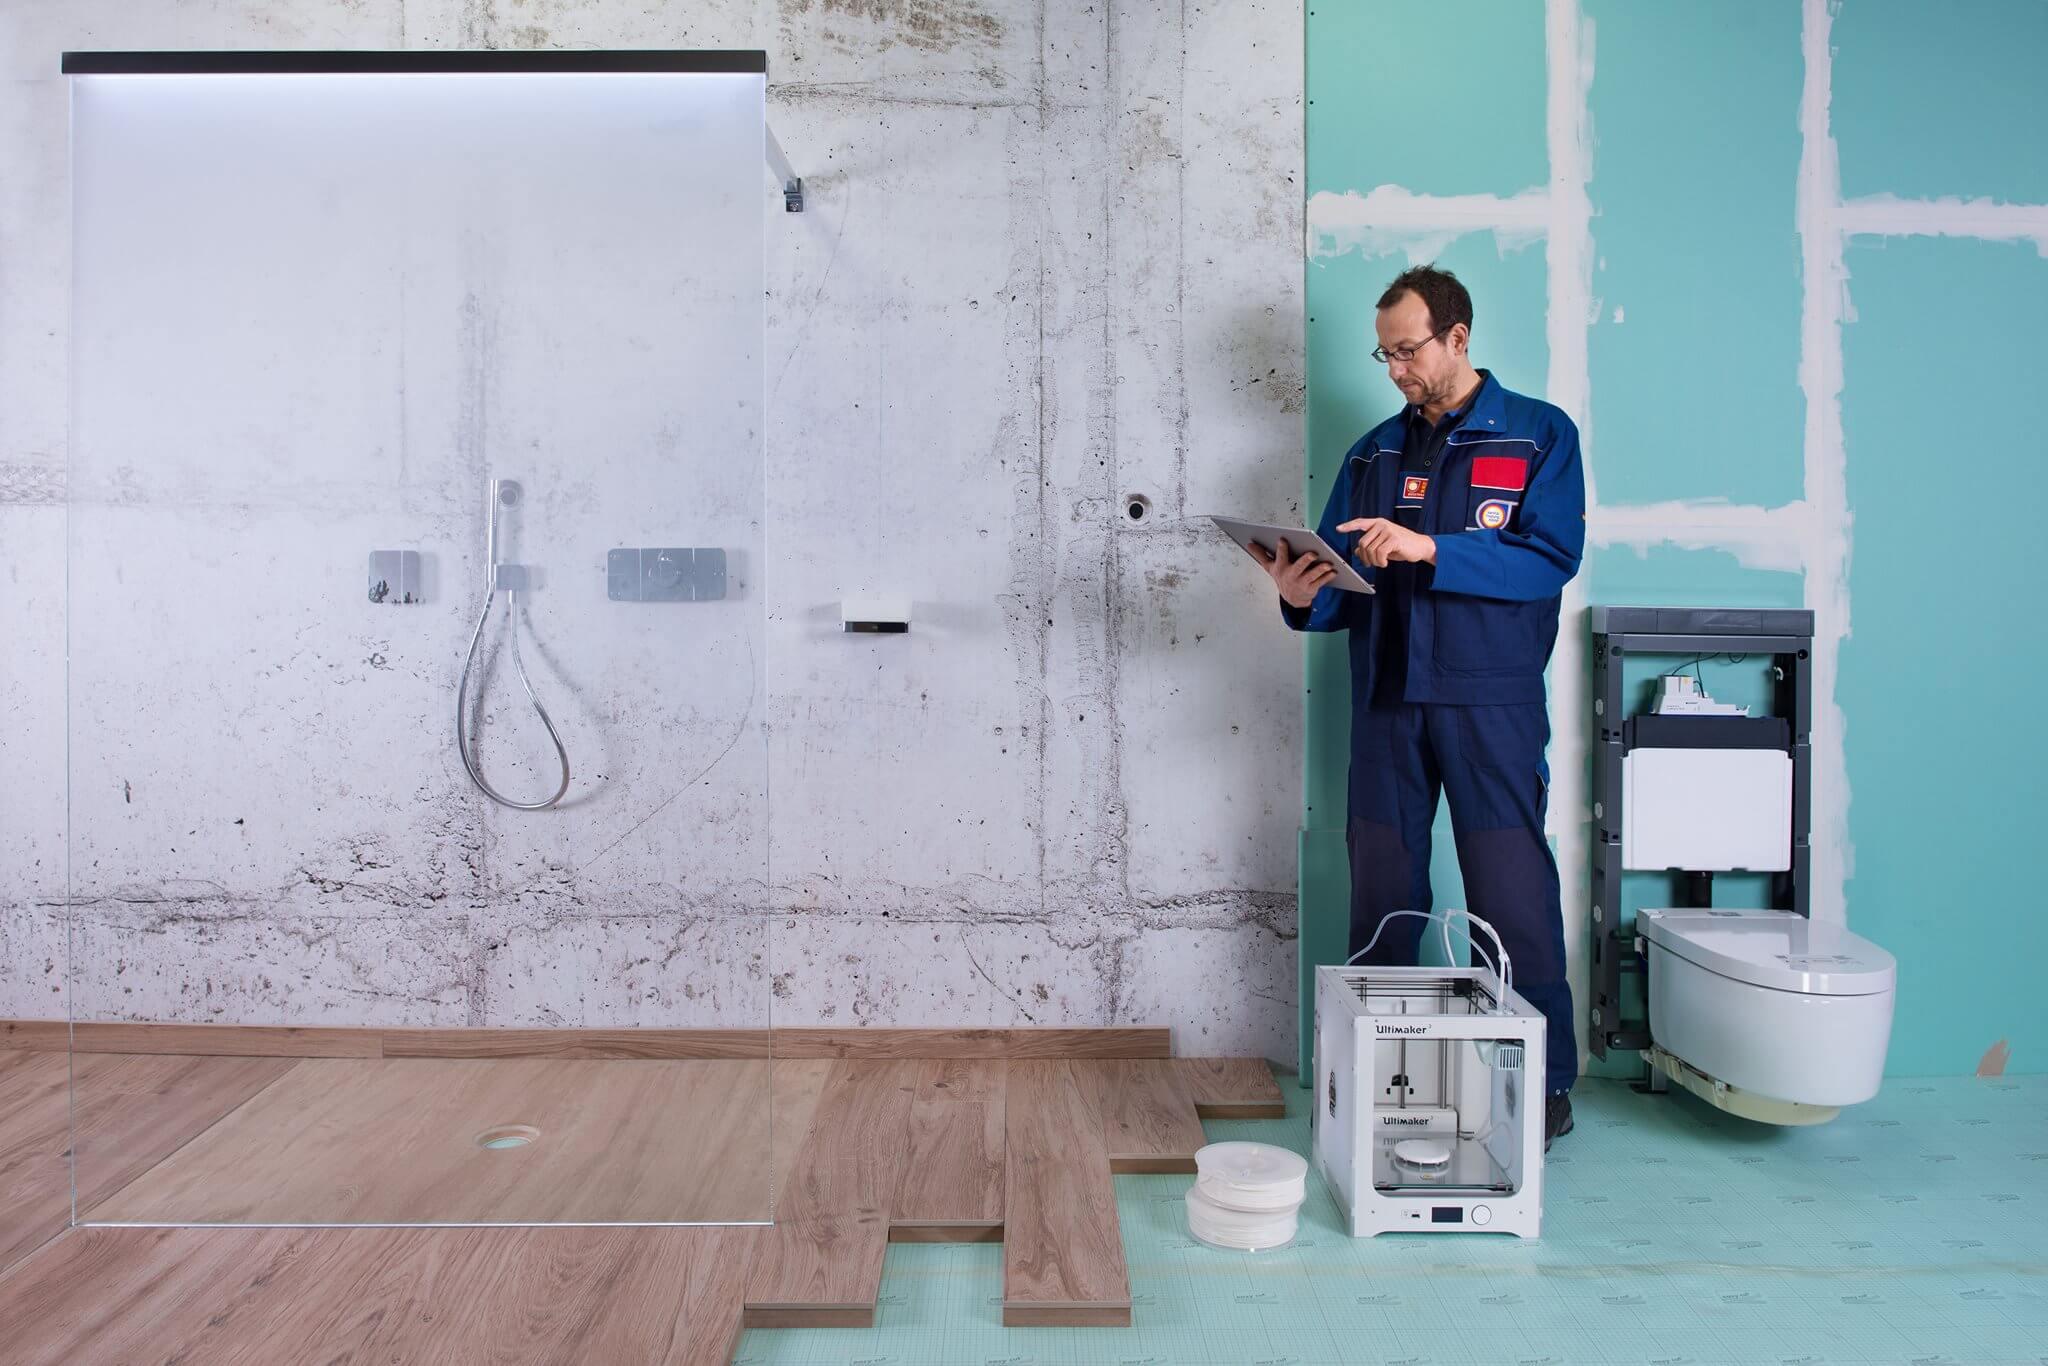 Viele Nutzungsmöglichkeiten für unterschiedliche Platzverhältnisse Bei der räumlichen Entwicklung des Badezimmers ist eine zweigeteilte Entwicklung zu erwarten: Während es auf der einen Seite bei Ein- und Zweifamilienhäusern einen Raumgewinn bei Renovation und Neubau sowie einen Trend zum Zweit-, Dritt- oder Gäste-Badezimmer gibt, ist auf der anderen Seite speziell im urbanen Umfeld eine Konzentration auf kleinere Räume von hoher Funktionalität und Qualität zu erwarten. Hierfür entwickelt die Sanitärindustrie zunehmend platz- und raumsparende Produkte mit dem Ziel, viele Nutzungsmöglichkeiten zur gewährleisten und möglichst viel Stauraum anzubieten. Hinzu kommen neue Konzepte für gemeinschaftlich genutzte und damit halböffentliche Badehäuser, die in Modellprojekten erprobt werden; sie könnten künftig in Ballungsräumen die Attraktivität von Neubauprojekten für eine exklusive Nutzergemeinschaft erhöhen. In der Branche werden zudem ganz neue Raum- und Standortkonzepte diskutiert, etwa für den Wellness-Bereich, in dem sich nach skandinavischem Vorbild neue Formen der Badkultur etablieren könnten. Und last but not least ist durch den Einzug des Themas Fitness ins Badezimmer eine weitere Trendwelle zu erwarten. Das Badezimmer wird so über die altbekannten Nutzungsfunktionen hinaus erweitert.